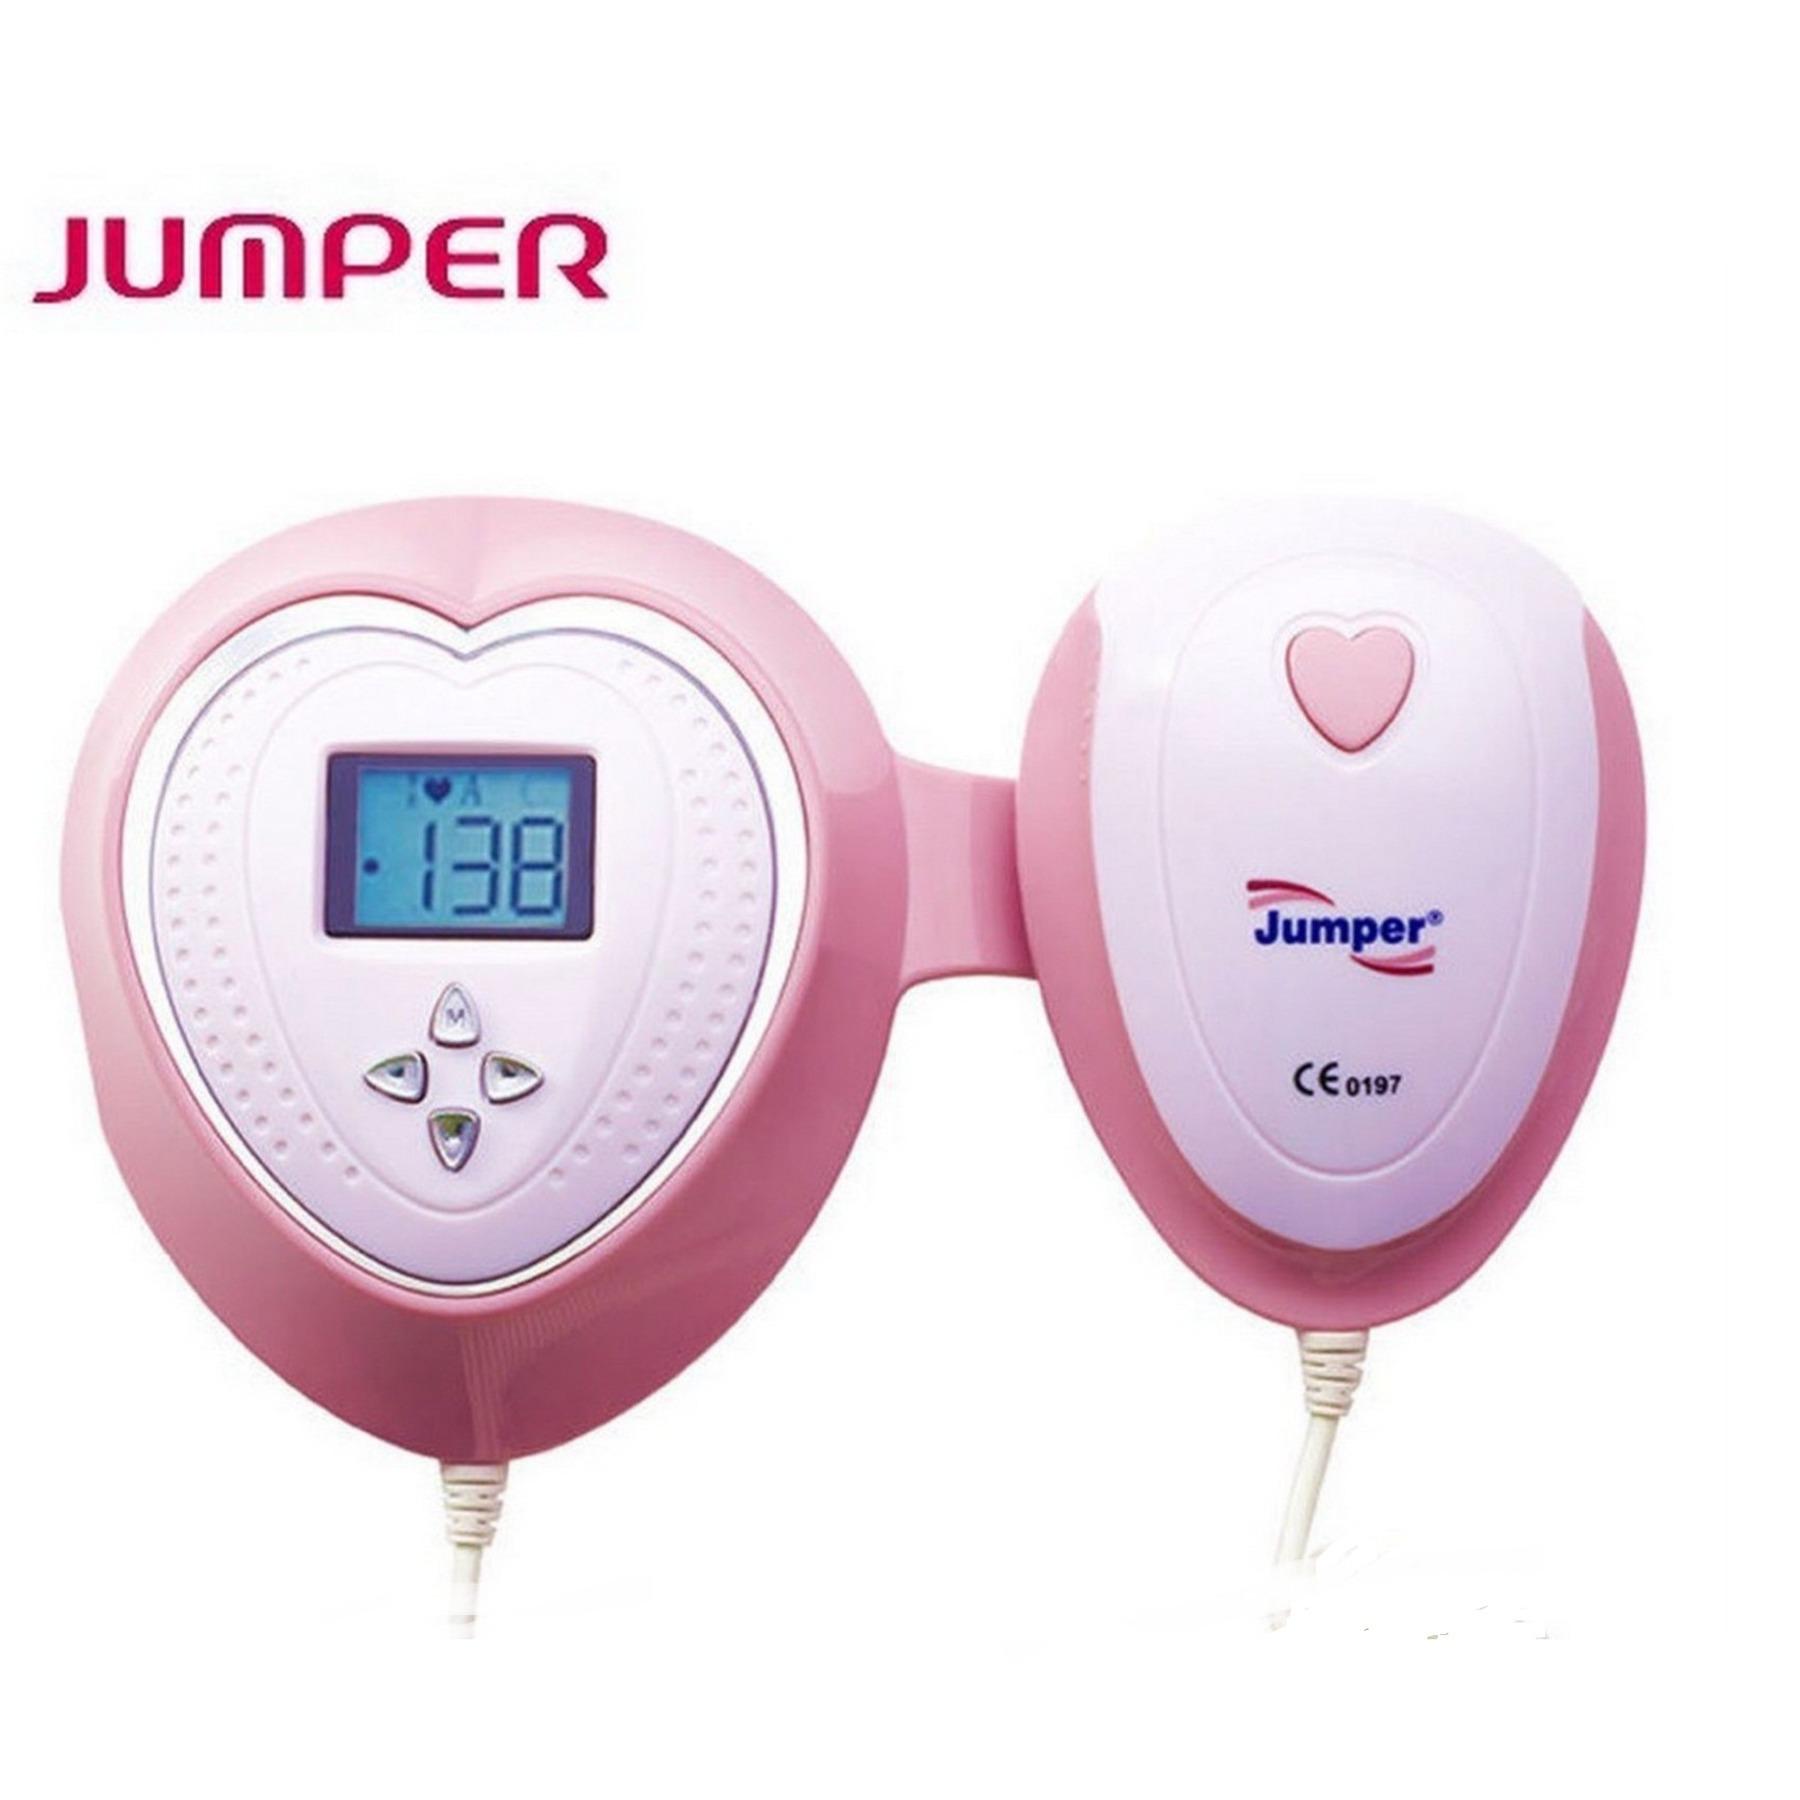 Допплер на ранних сроках <br><b>JPD-100S4</b>